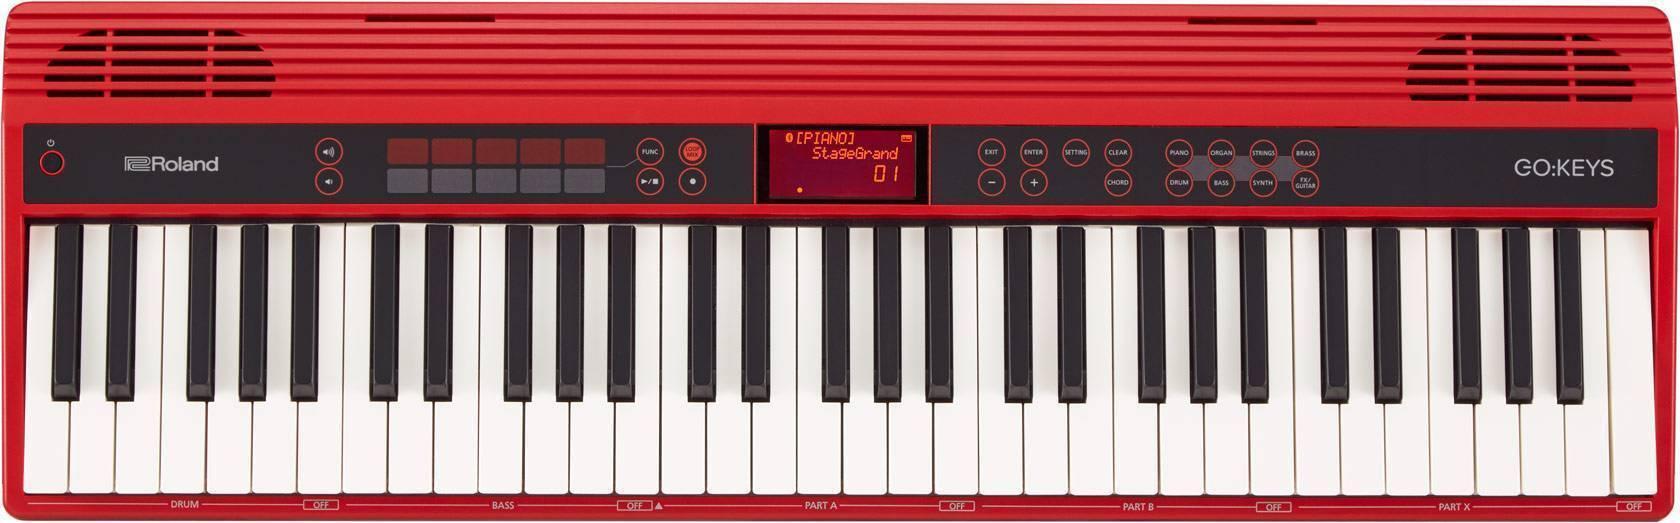 Teclado Roland Go keys de 61 teclas